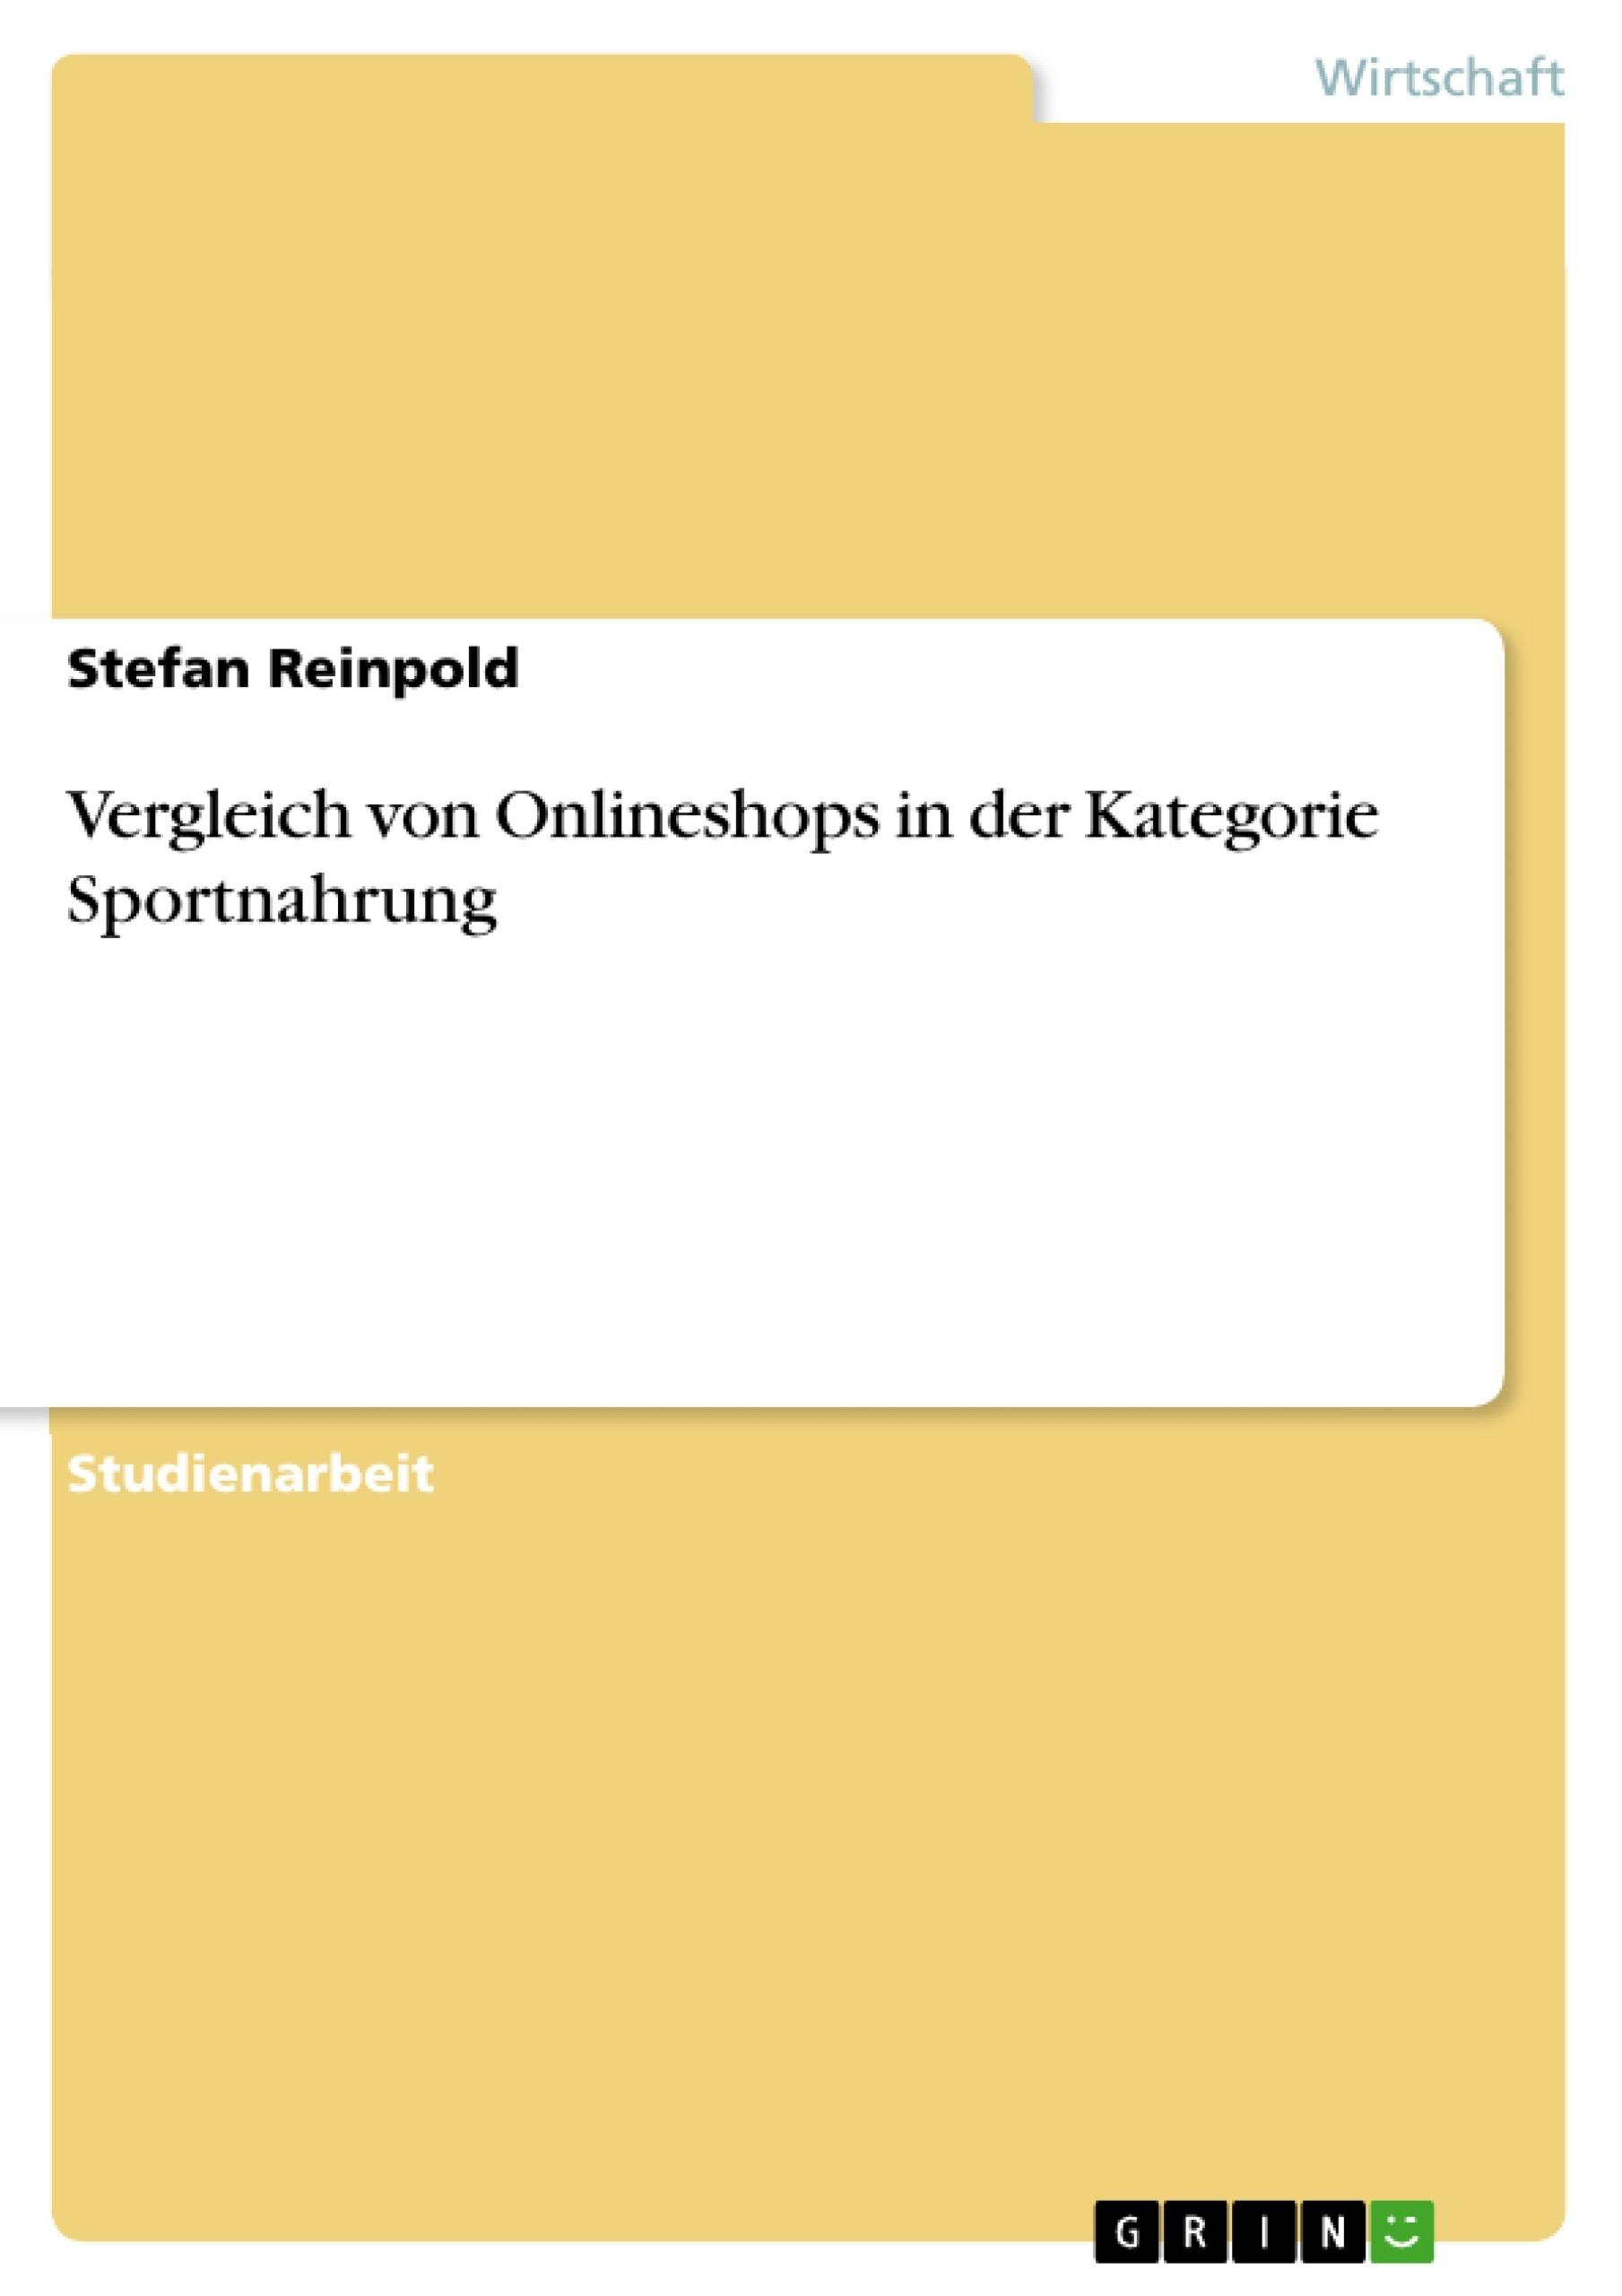 Titel: Vergleich von Onlineshops in der Kategorie Sportnahrung